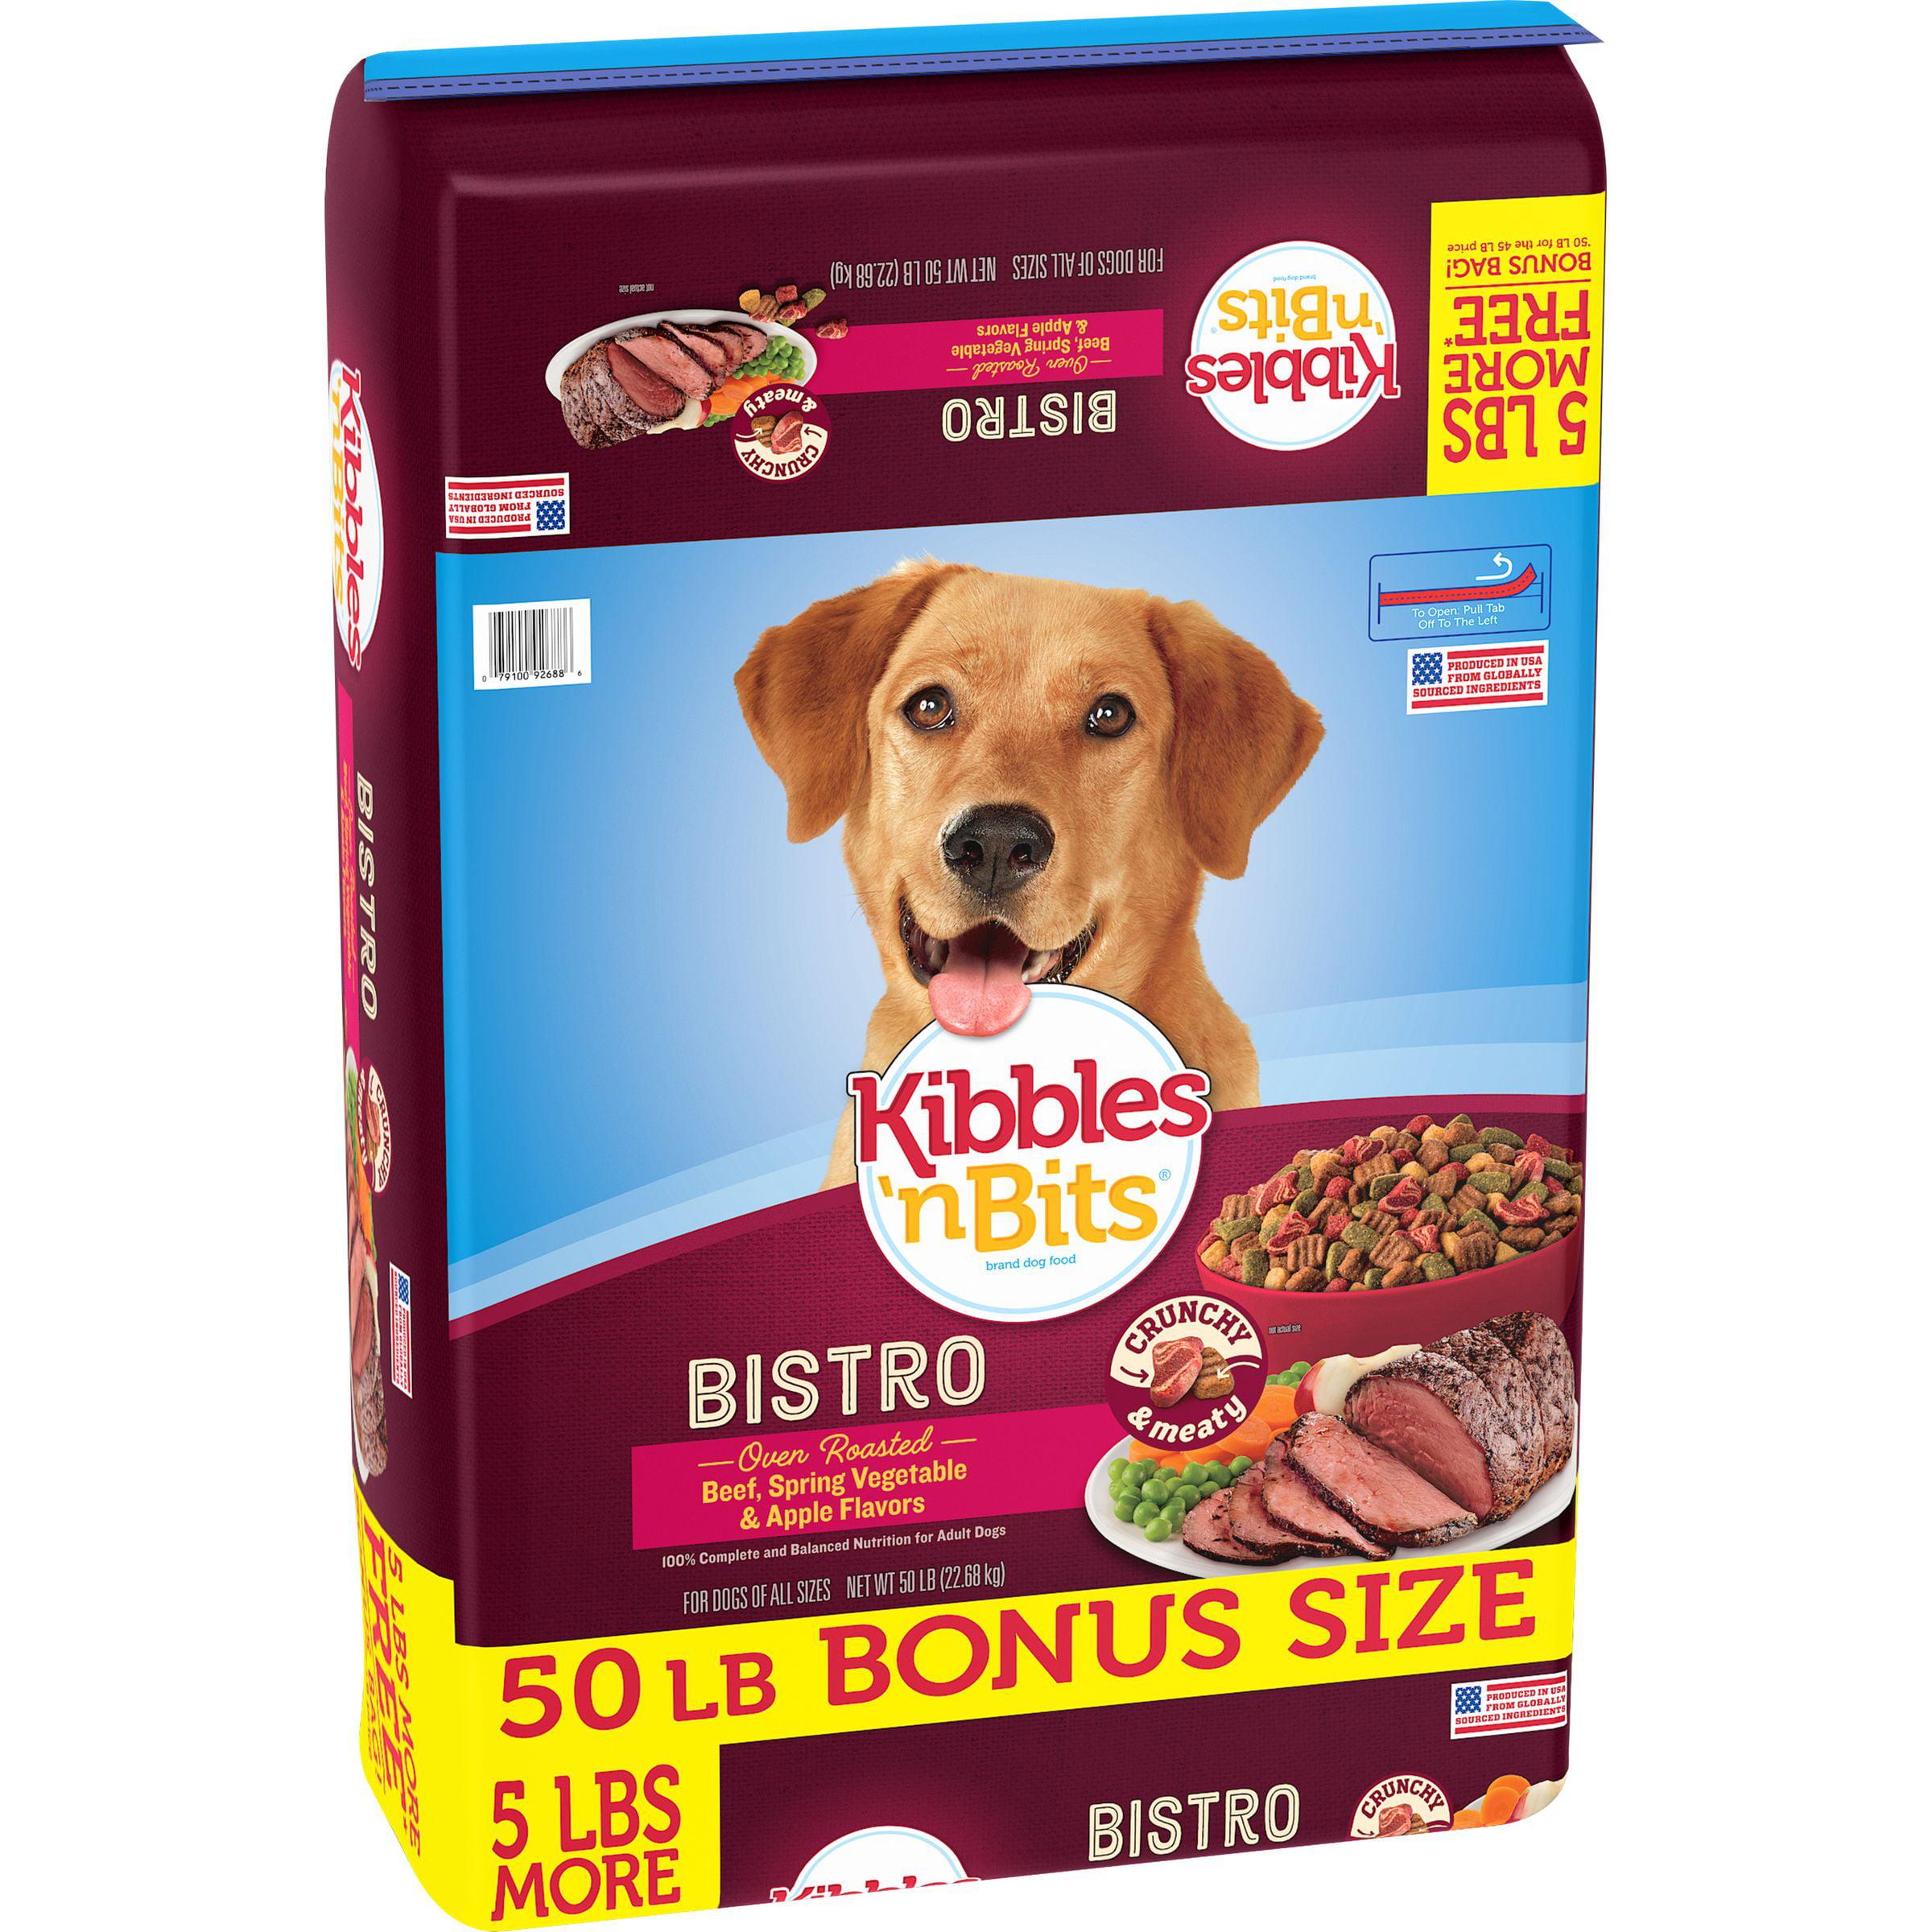 Kibbles N Bits Bistro Oven Roasted Beef Flavor Dry Dog Food 50 Pound